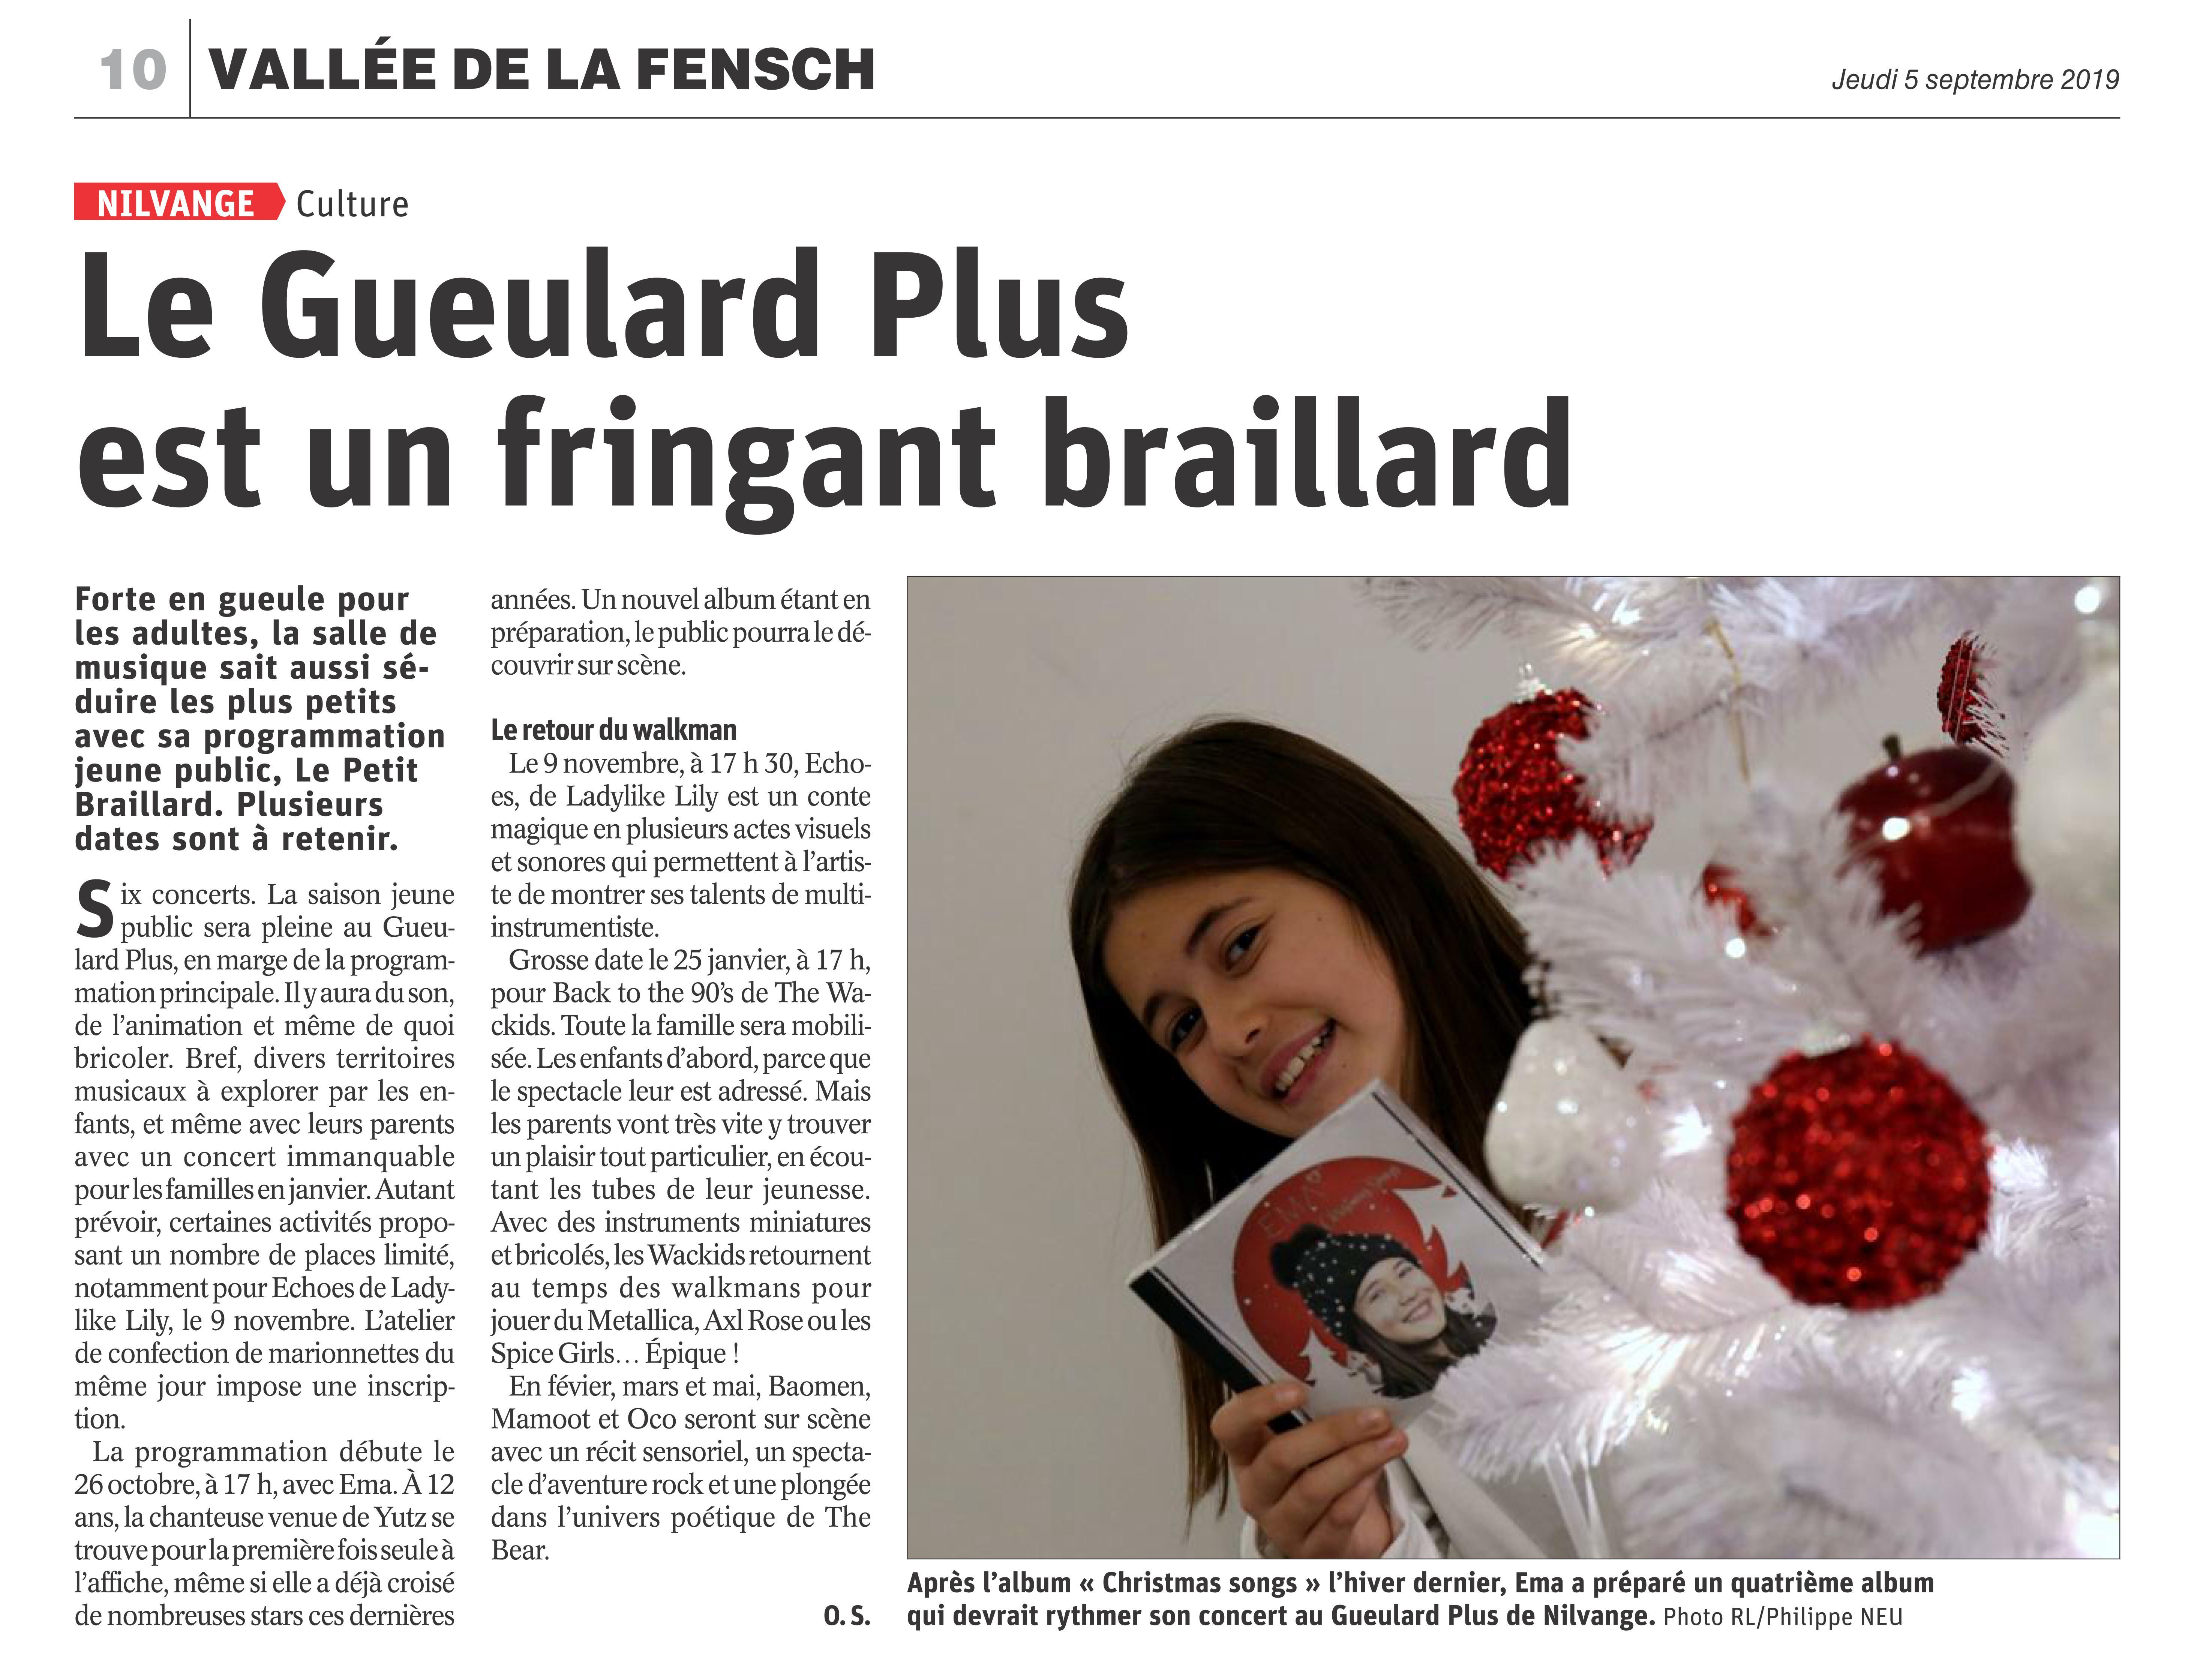 article_EMA_républicain_lorrain_octobre[